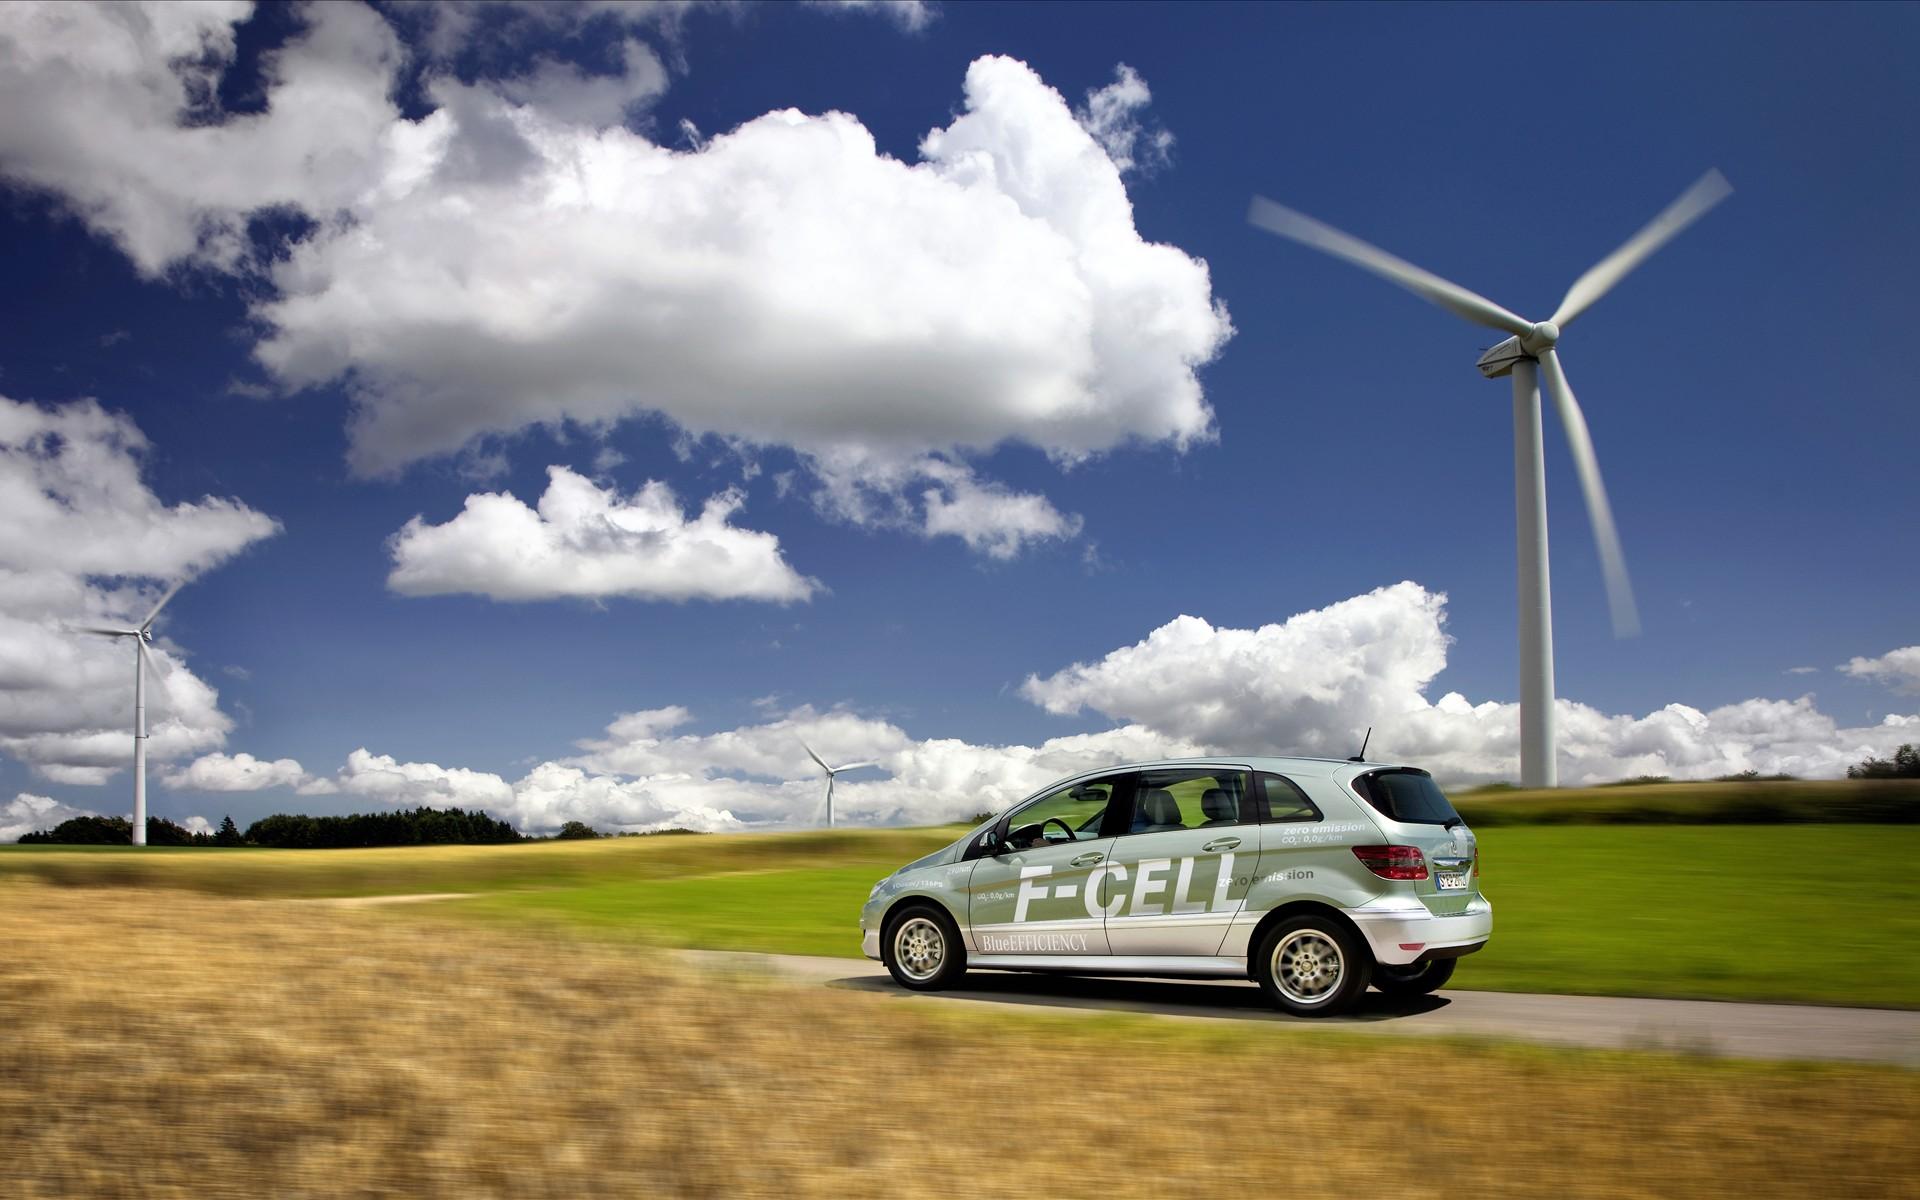 高成本制约发展   氢燃料电池产业前景待考